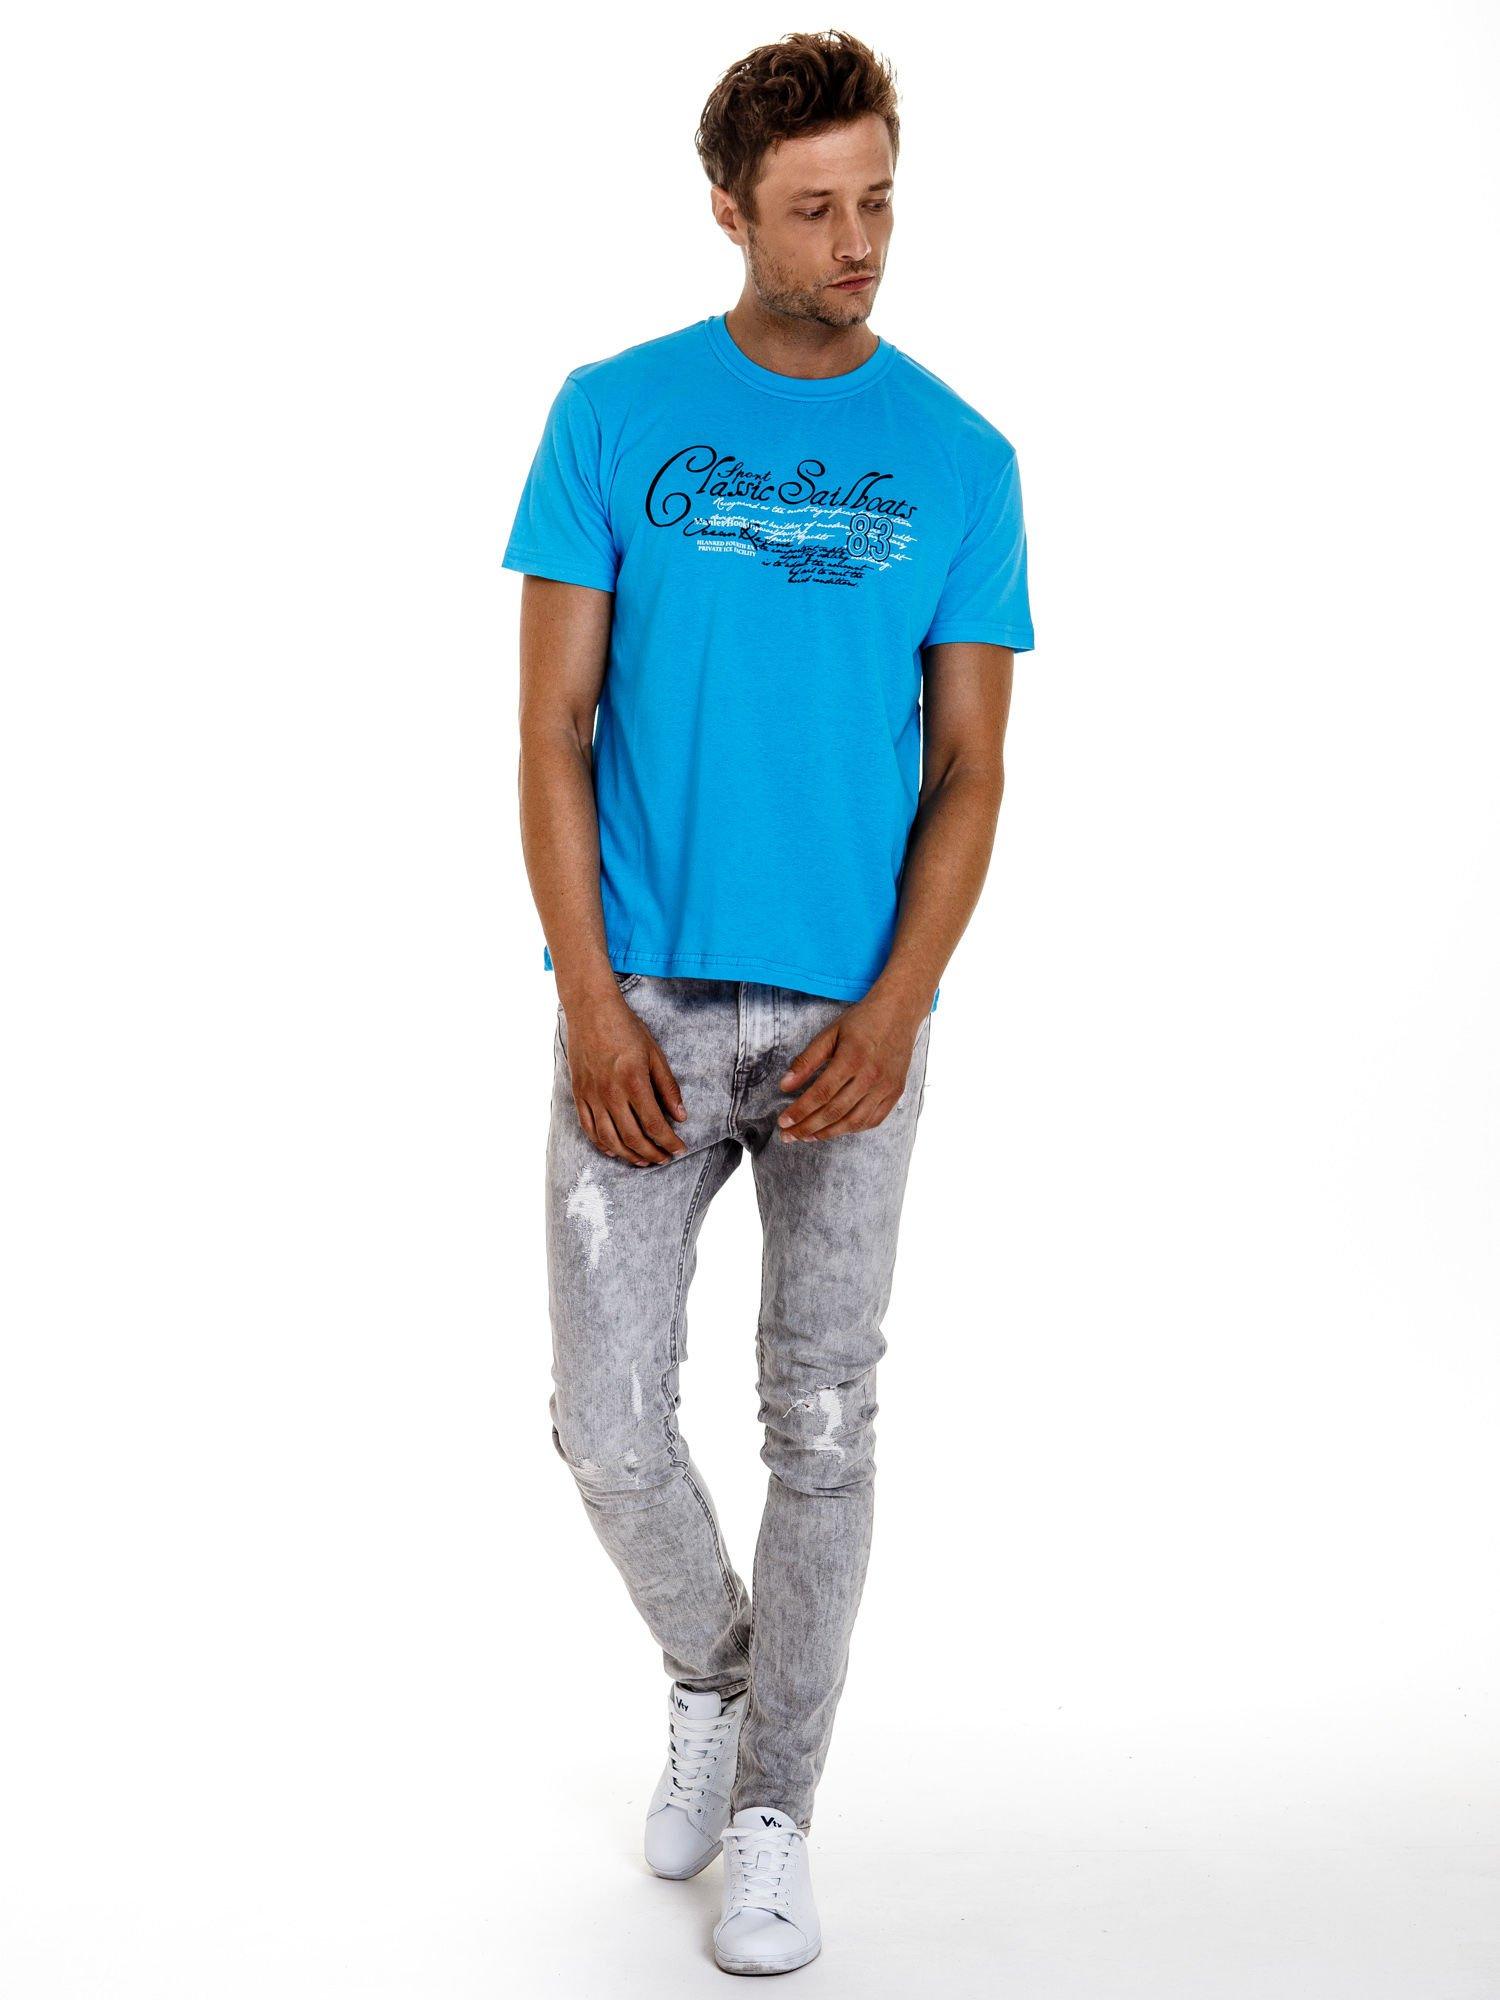 Niebieski t-shirt męski z napisami i liczbą 83                                  zdj.                                  4